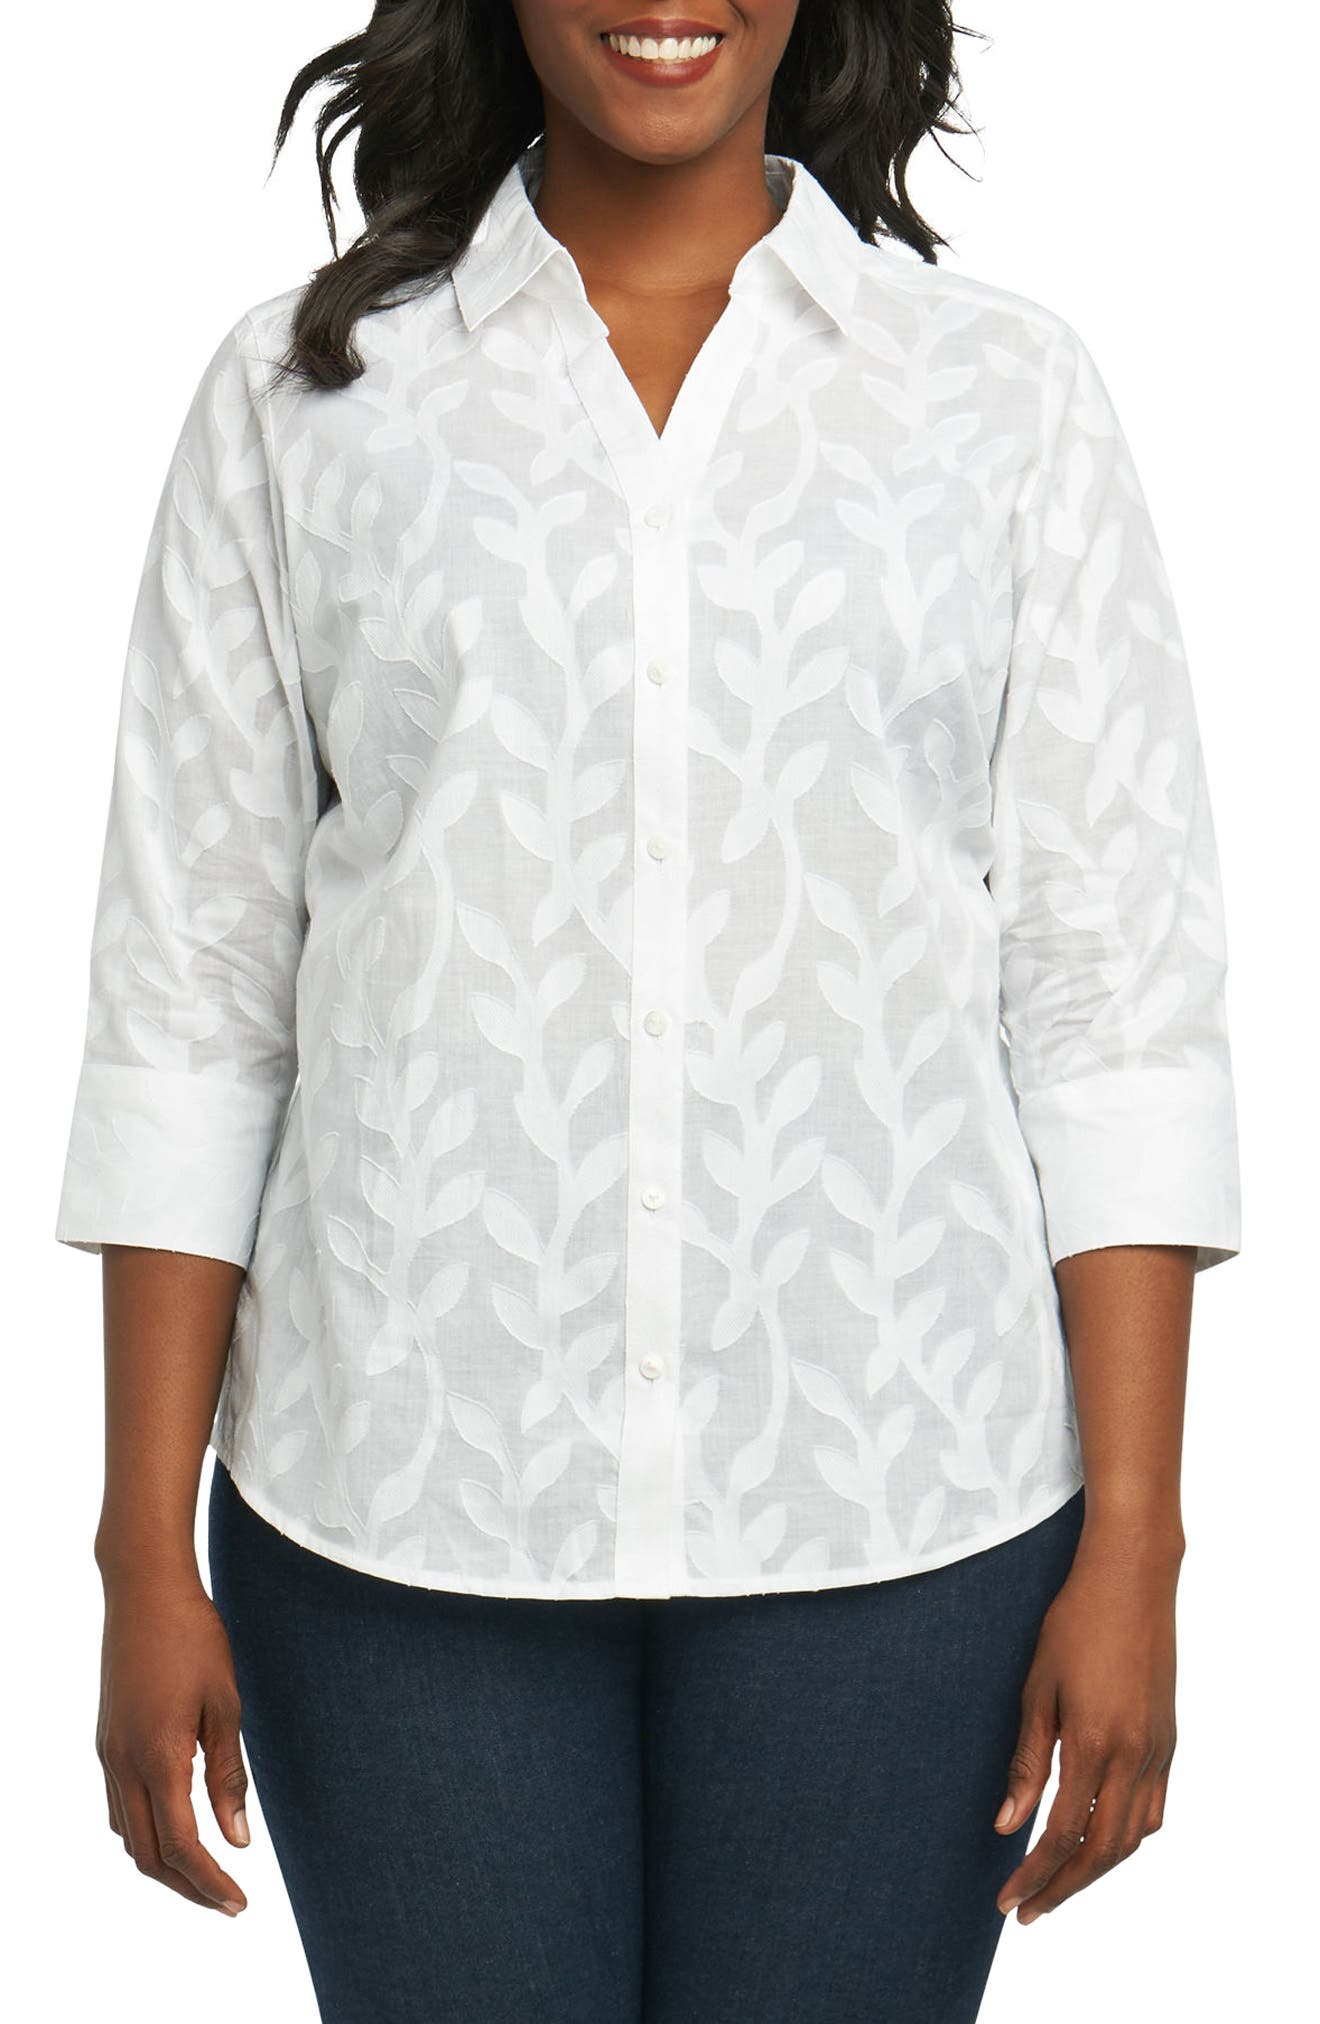 Mary Palm Jacquard Shirt,                             Main thumbnail 1, color,